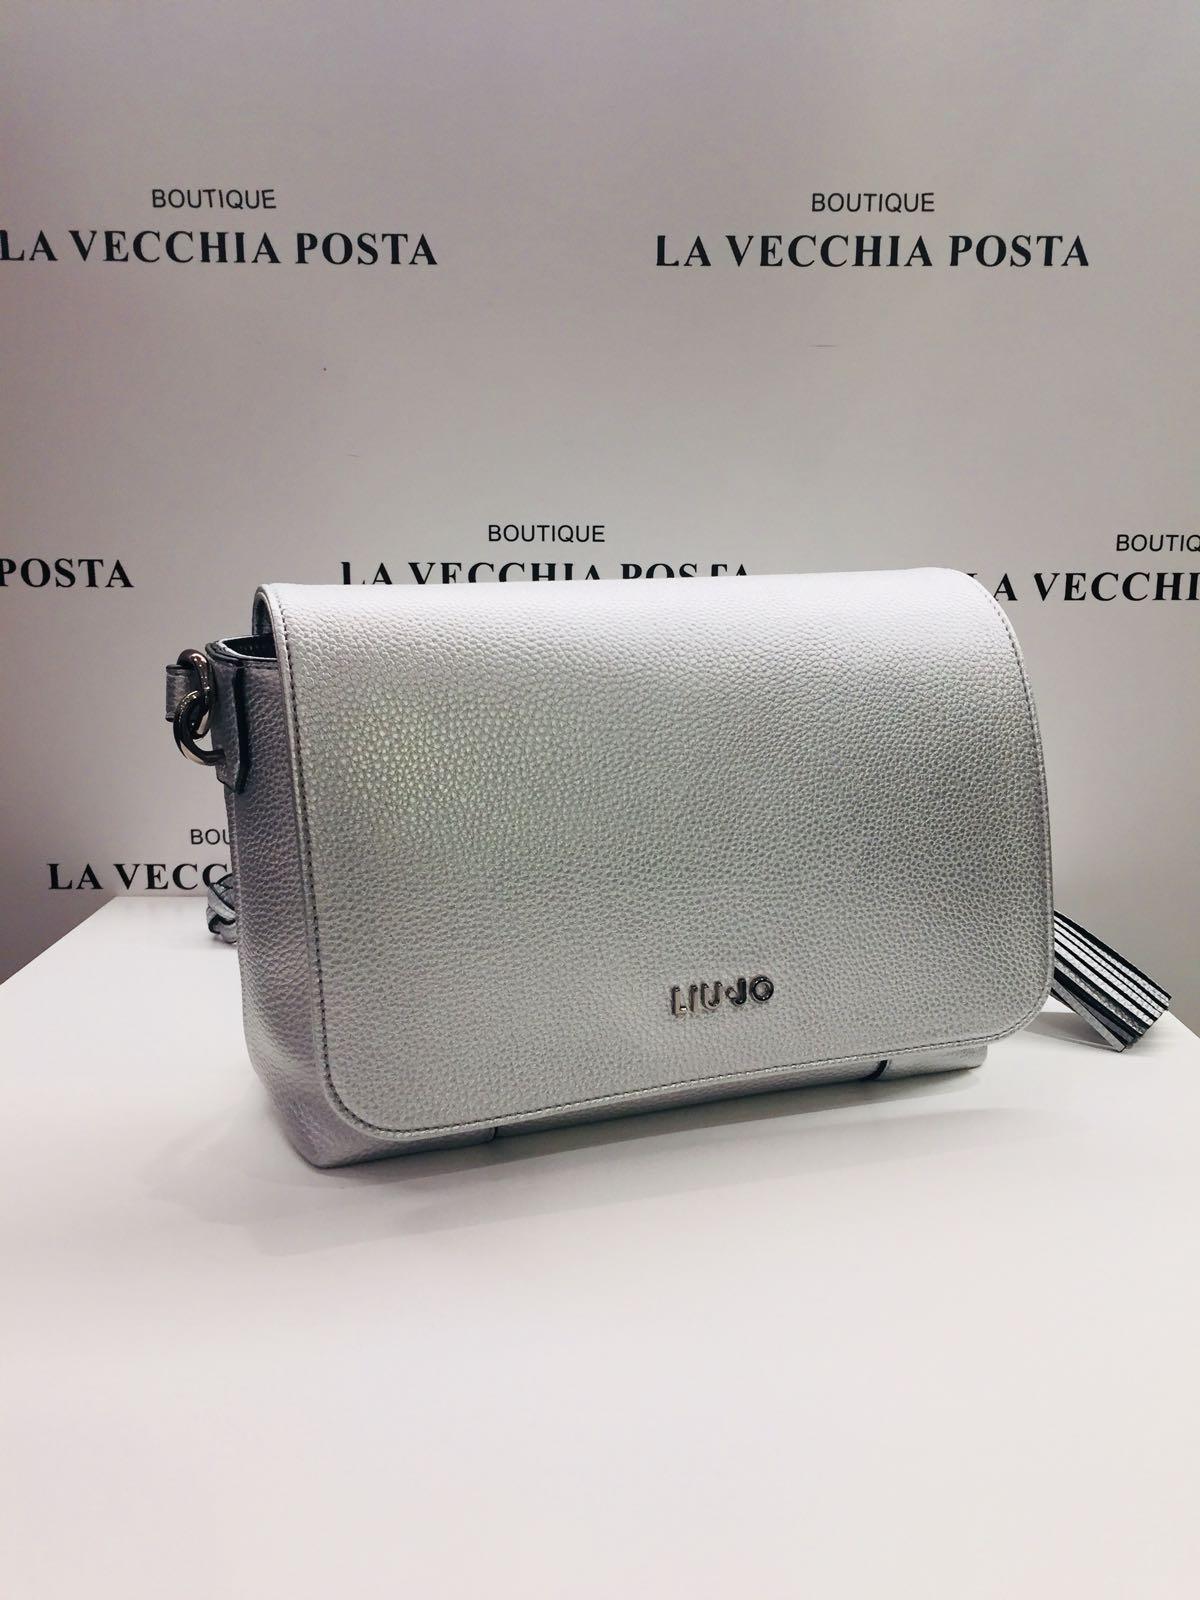 fa2a43ec219f3 Borse – Pagina 2 – Boutique La Vecchia Posta